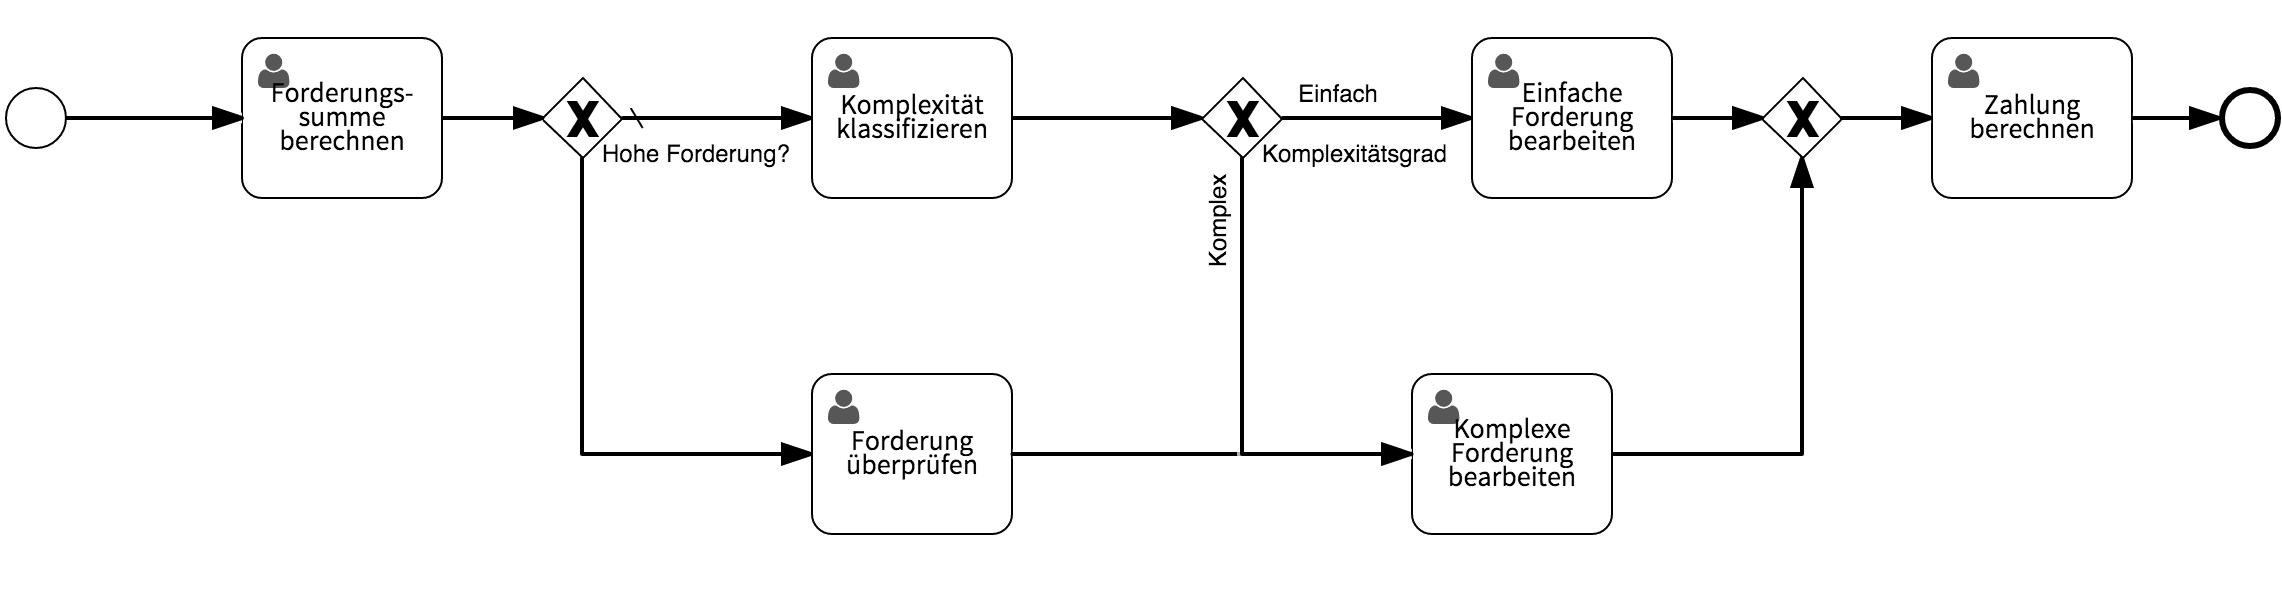 Workflow Beispiel: Versicherungsfall bearbeiten